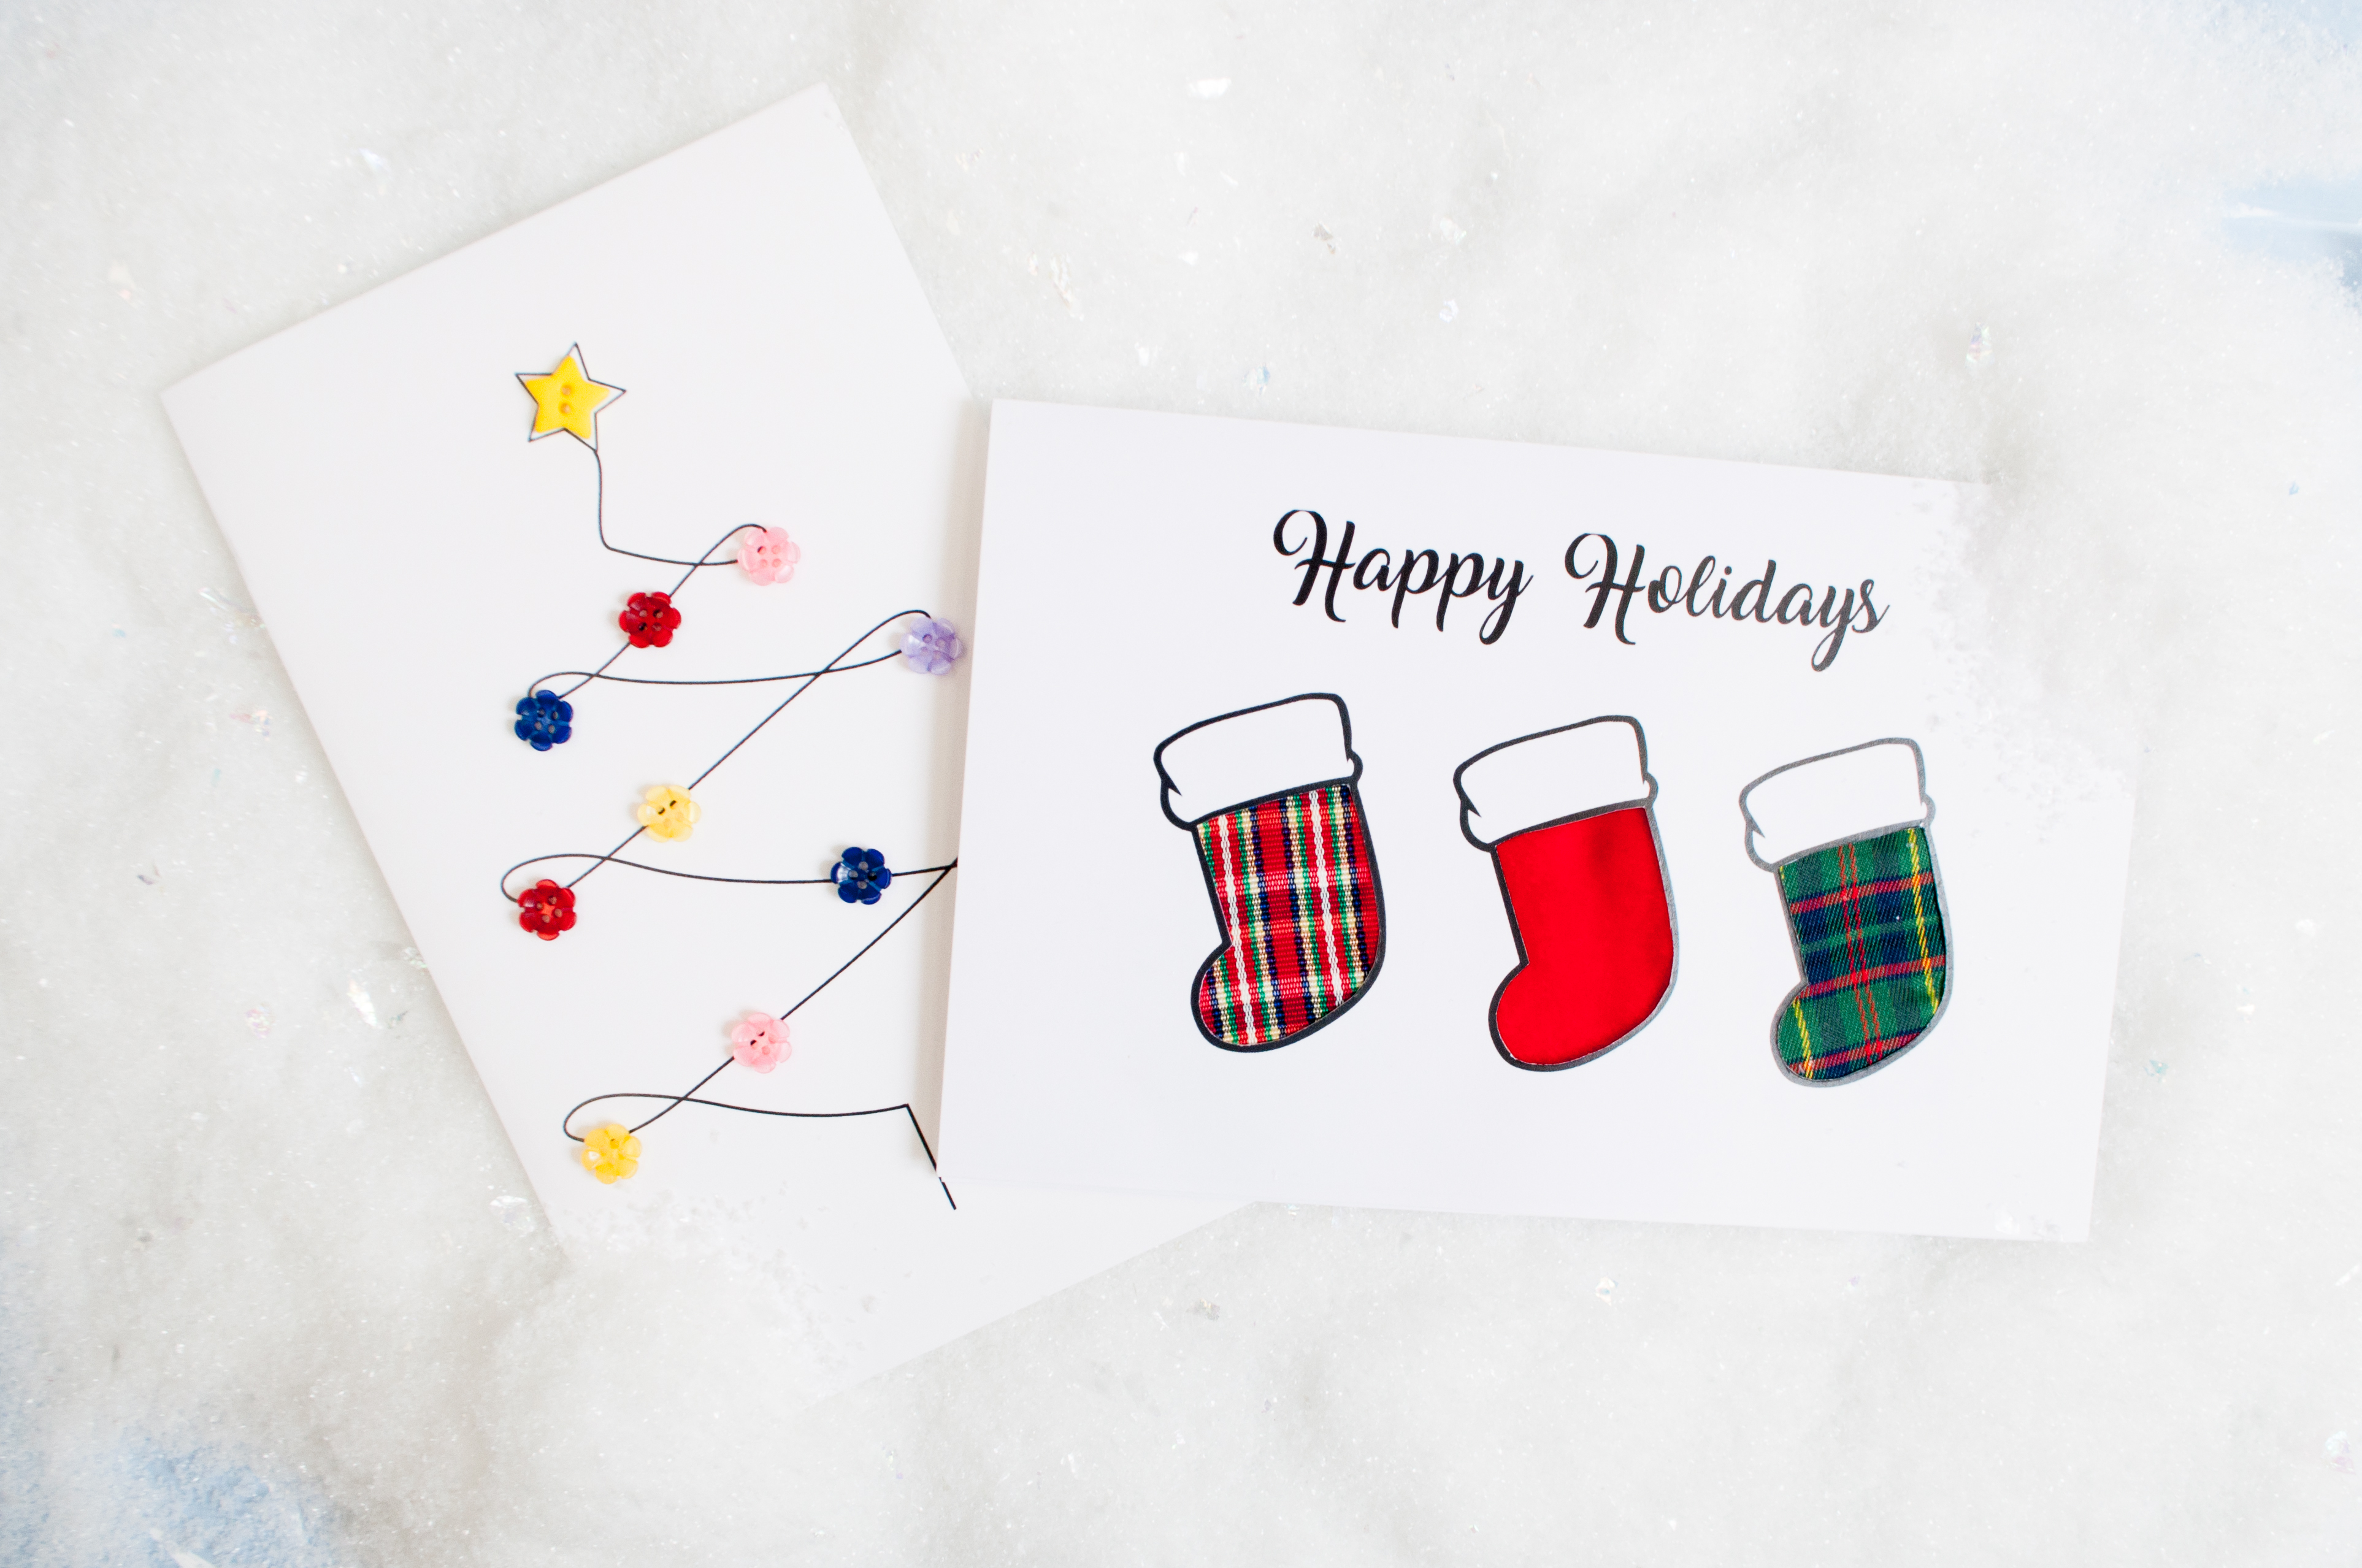 DIY: Holiday Greeting Card